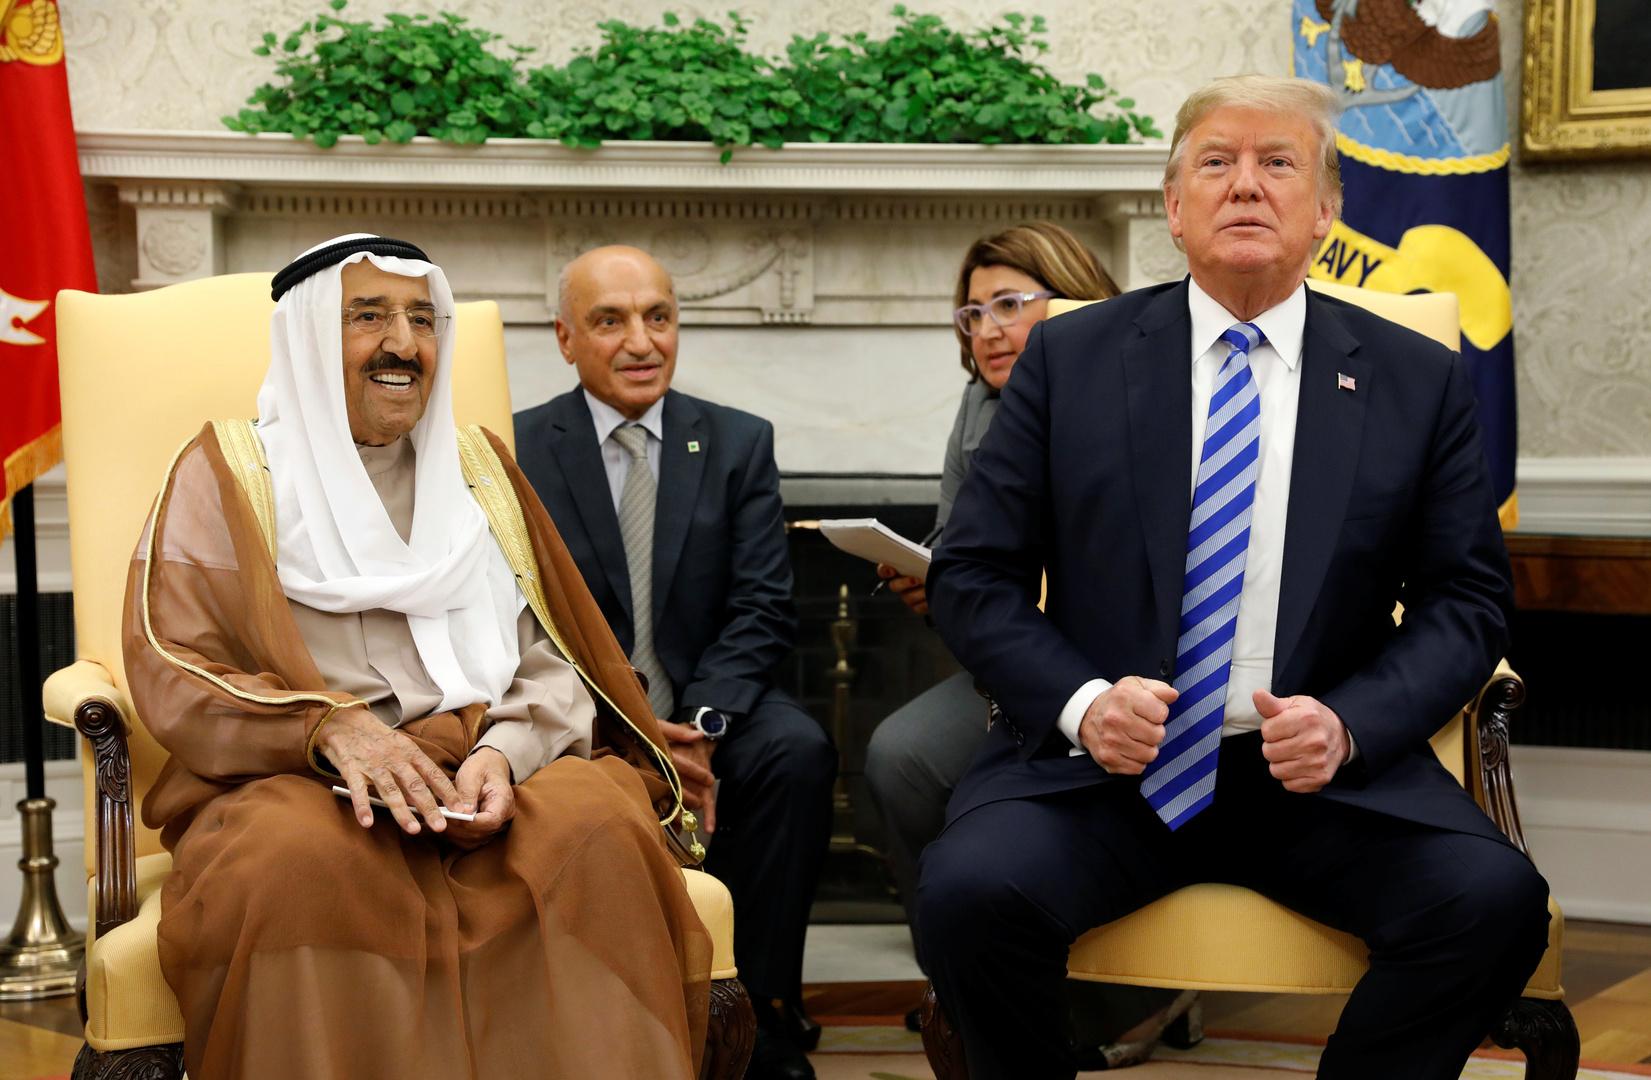 لأول مرة منذ 1991.. ترامب يمنح أمير الكويت وسام الاستحقاق العسكري برتبة قائد أعلى